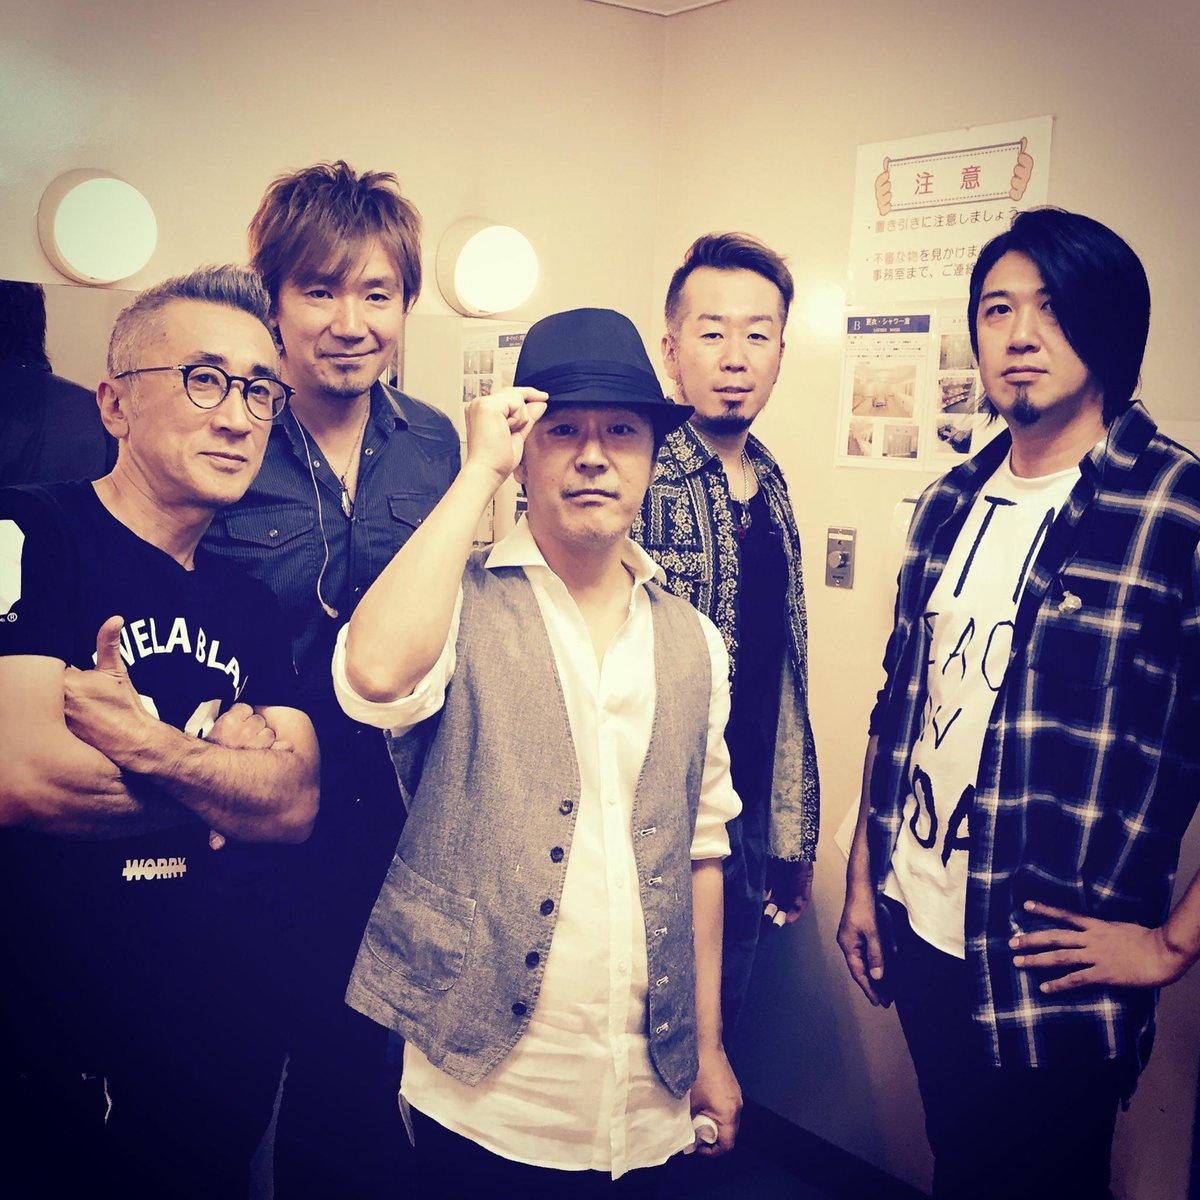 kobukuro奇跡ツアー24本目。 名古屋ガイシホールファイナル終了! すごく楽しかっただけに寂しいけど、 また明日から頑張ります! ありがとうございました!!! http://t.co/GxIeKEWvjq